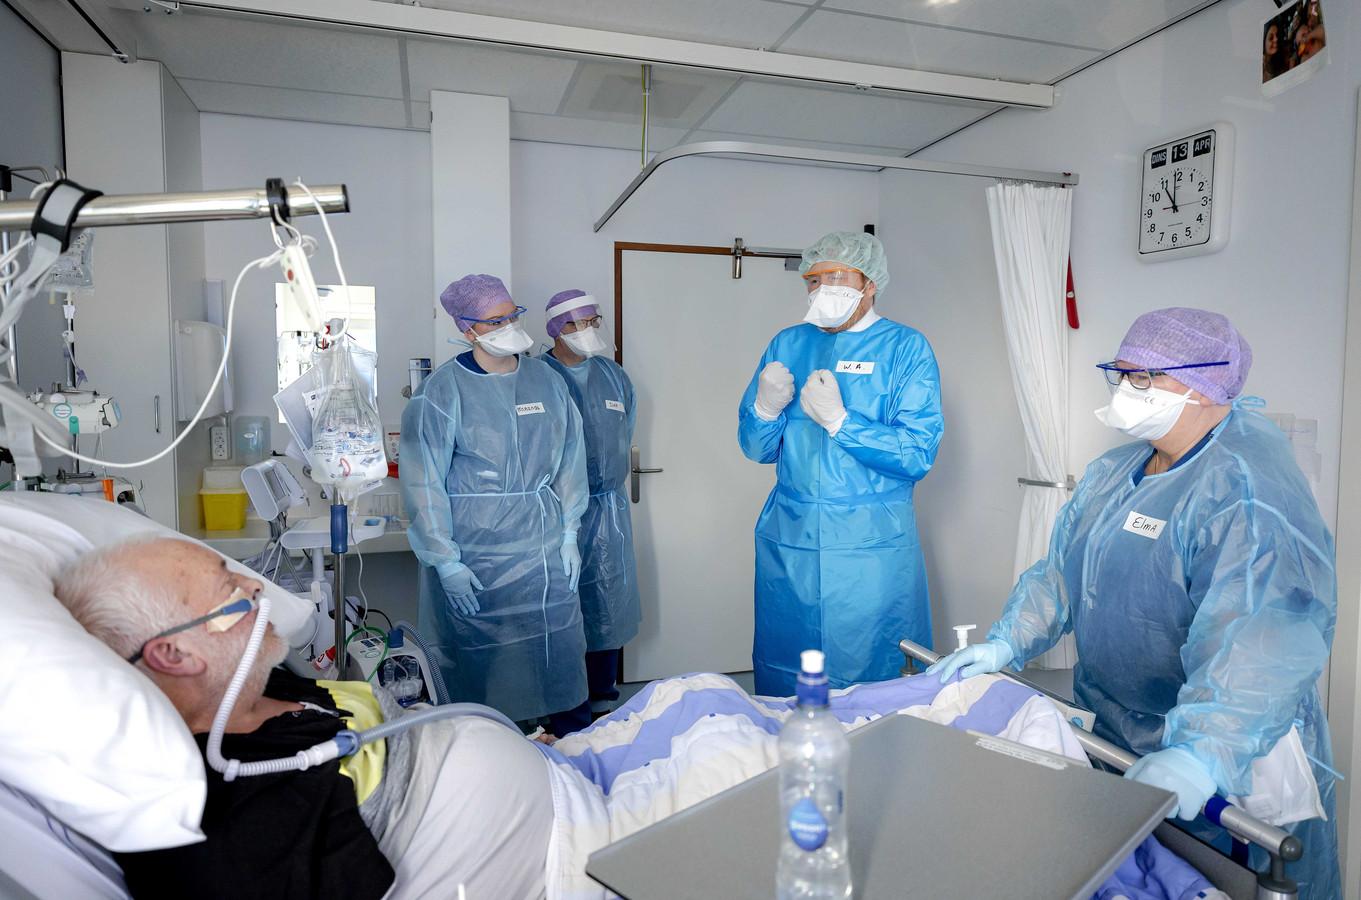 Koning Willem-Alexander (m) bezoekt in beschermende kleding een afdeling met covidpatienten in het Van Weel-Bethseda Ziekenhuis in Dirksland.